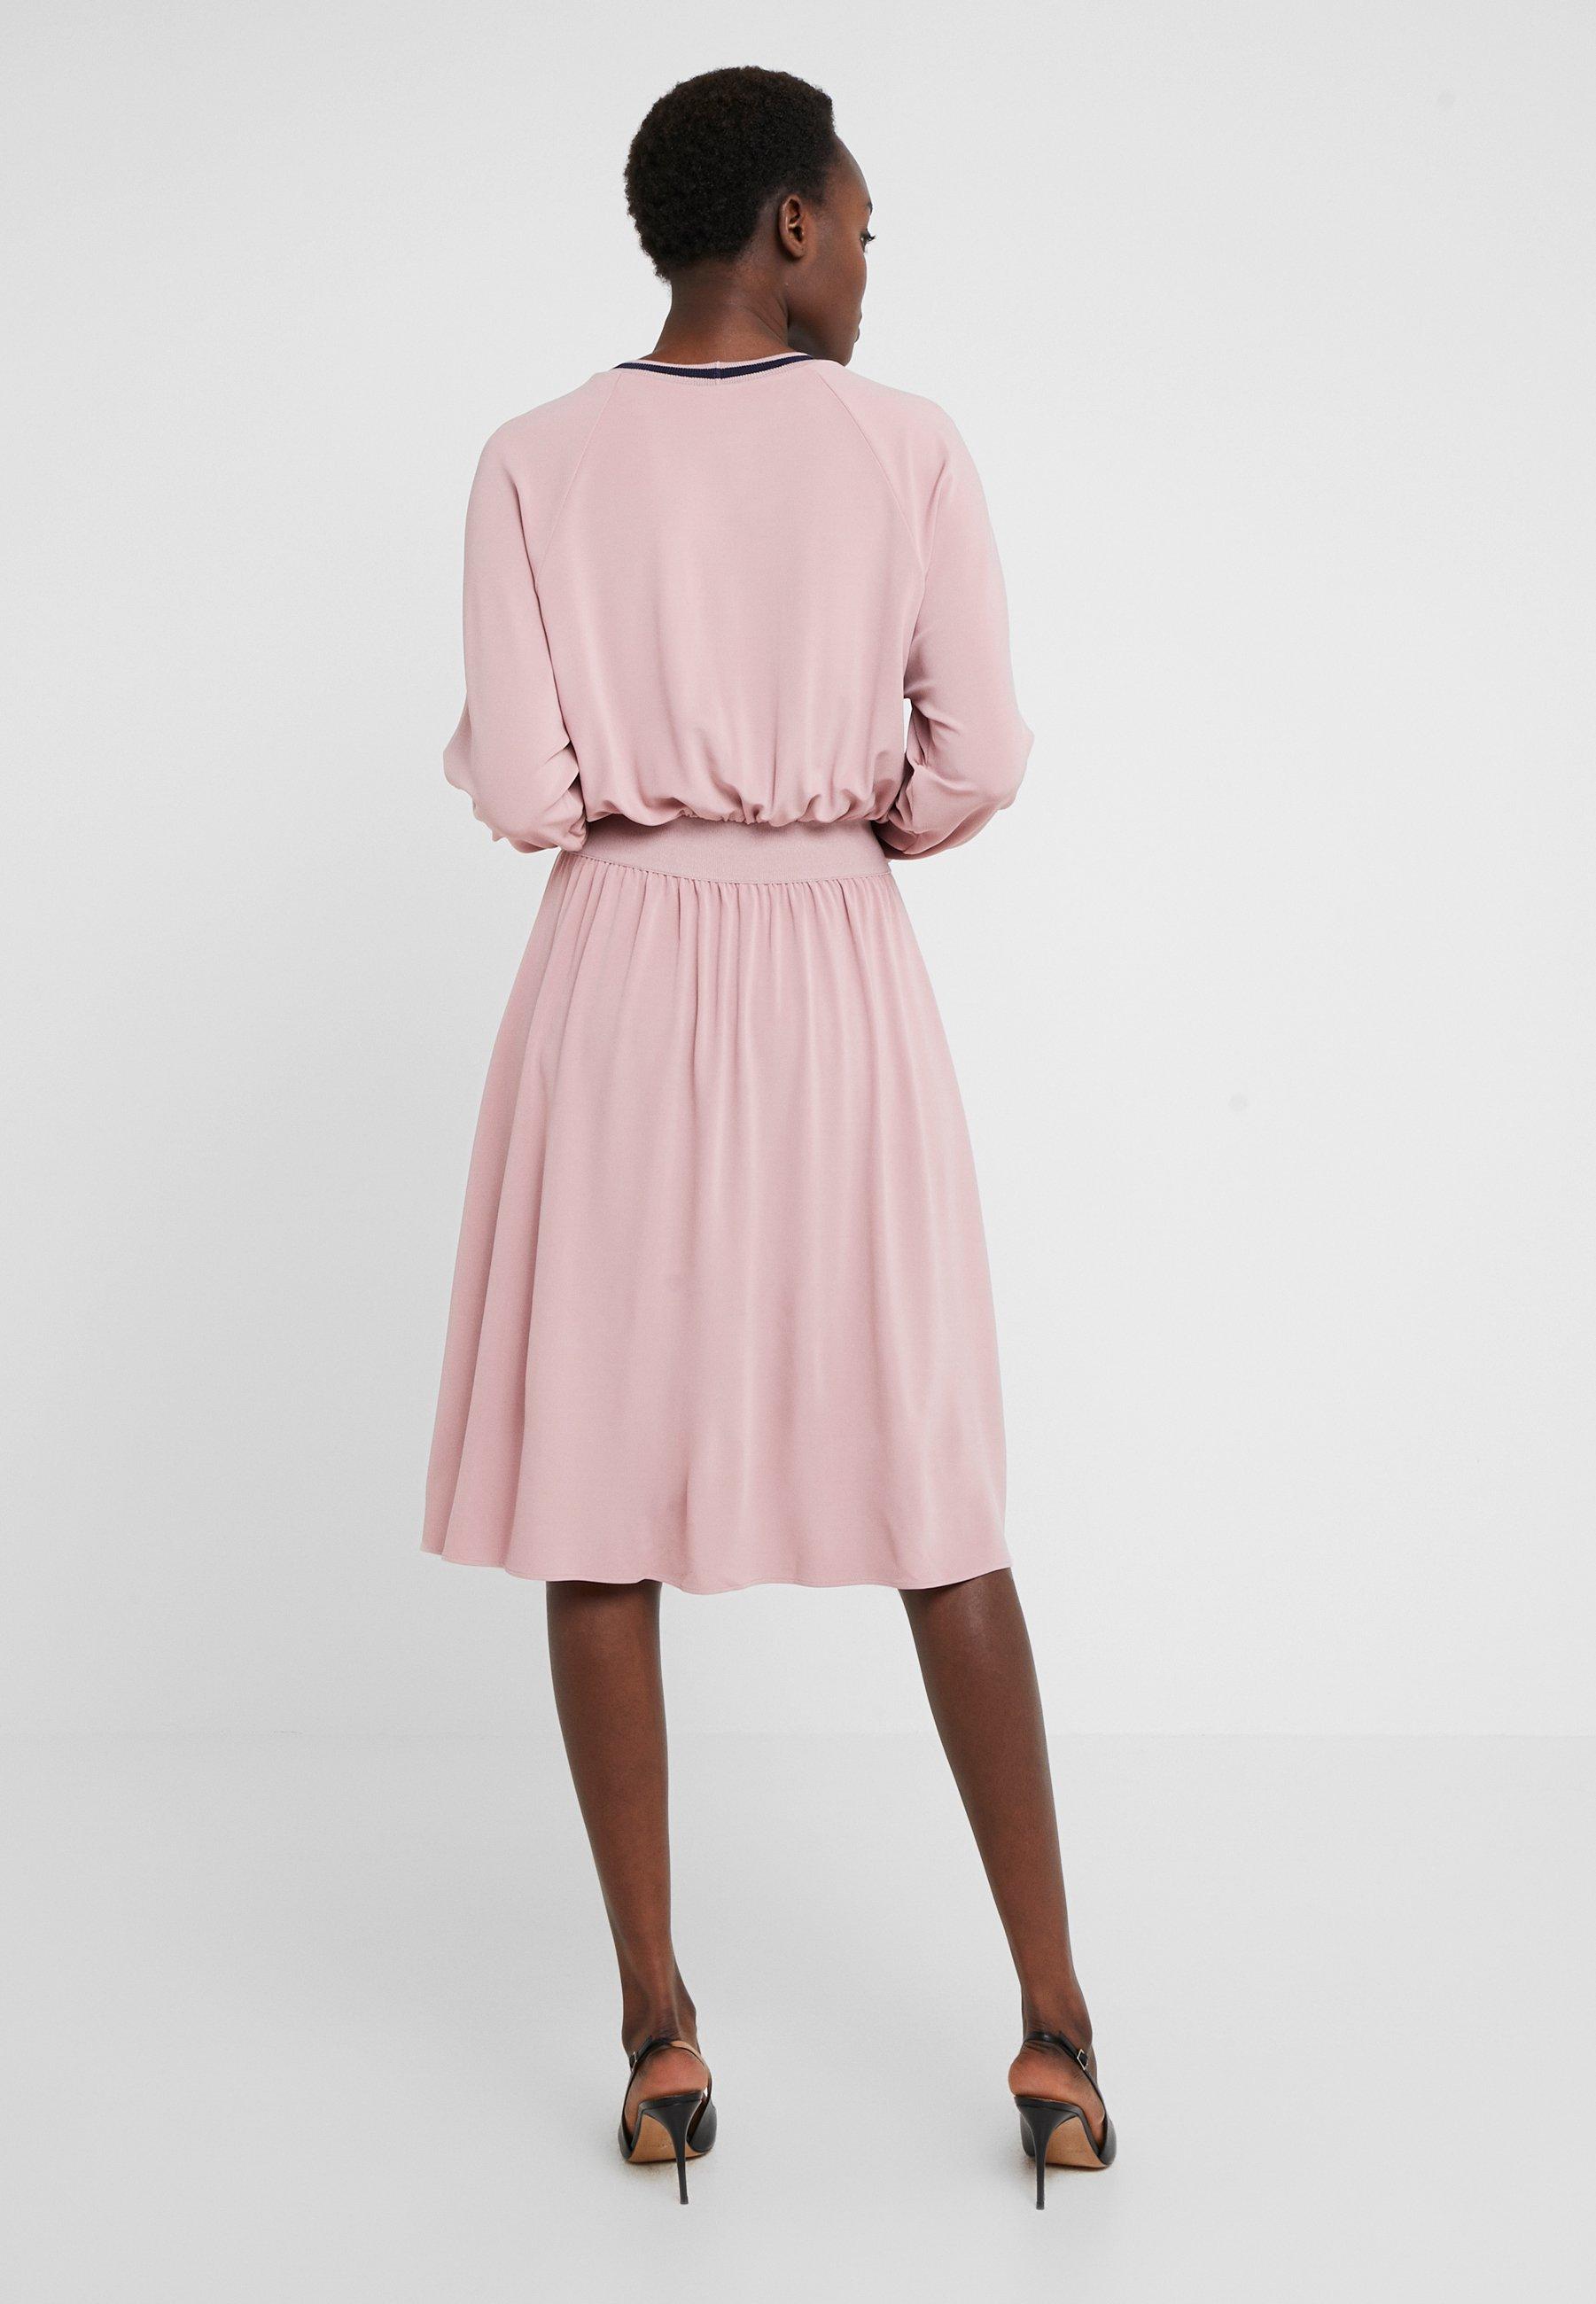 M Light Jersey Pink AbitoRobe En Missoni FKT1cJl